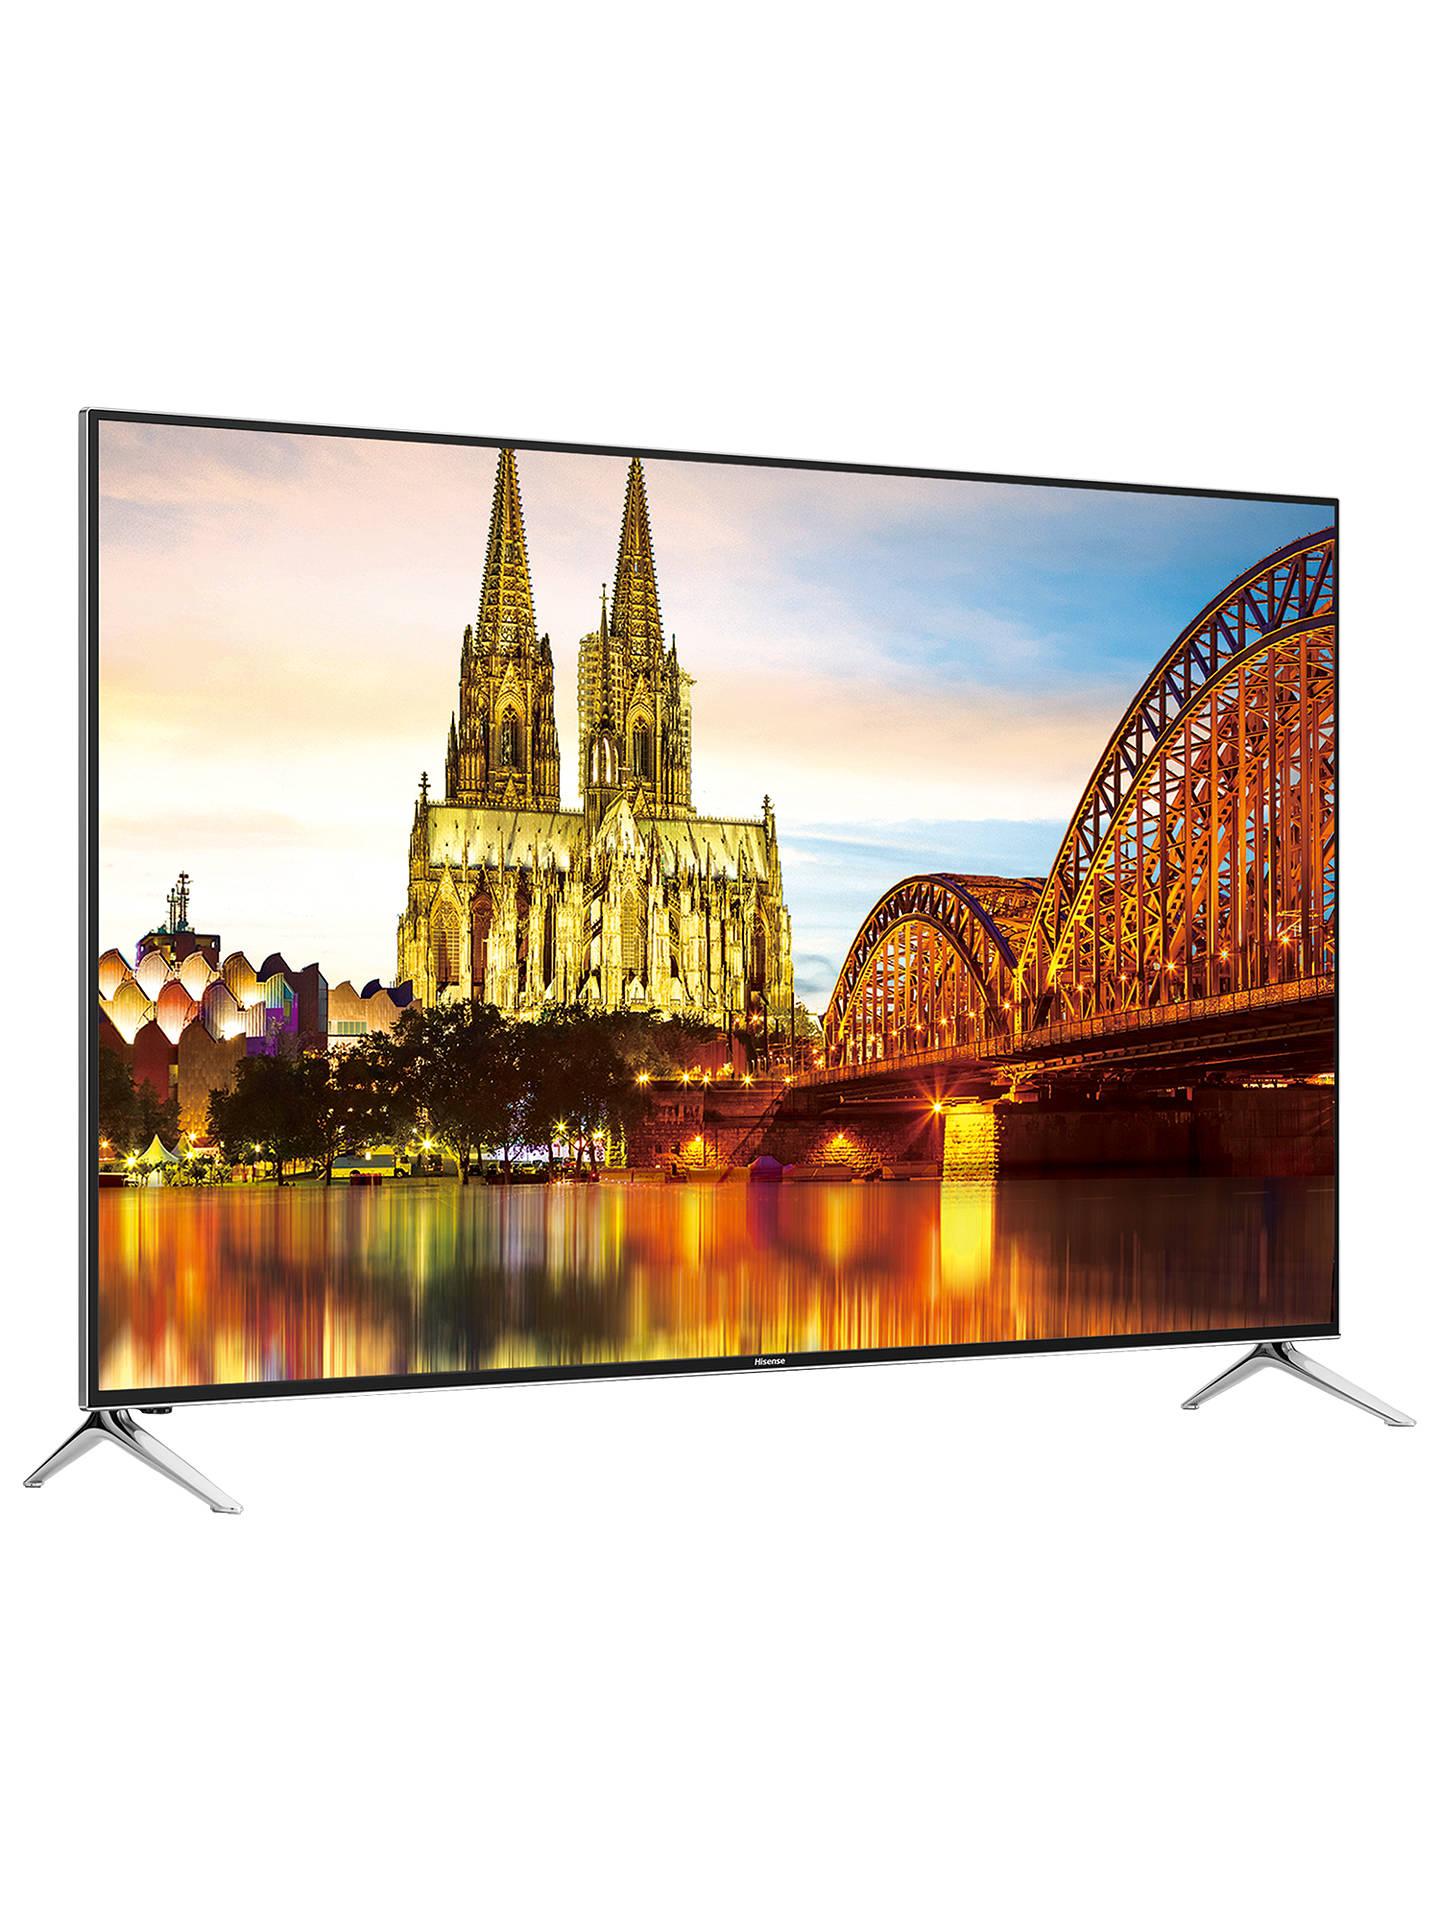 Hisense 65K700 4K Ultra HD LED 3D Smart TV, 65